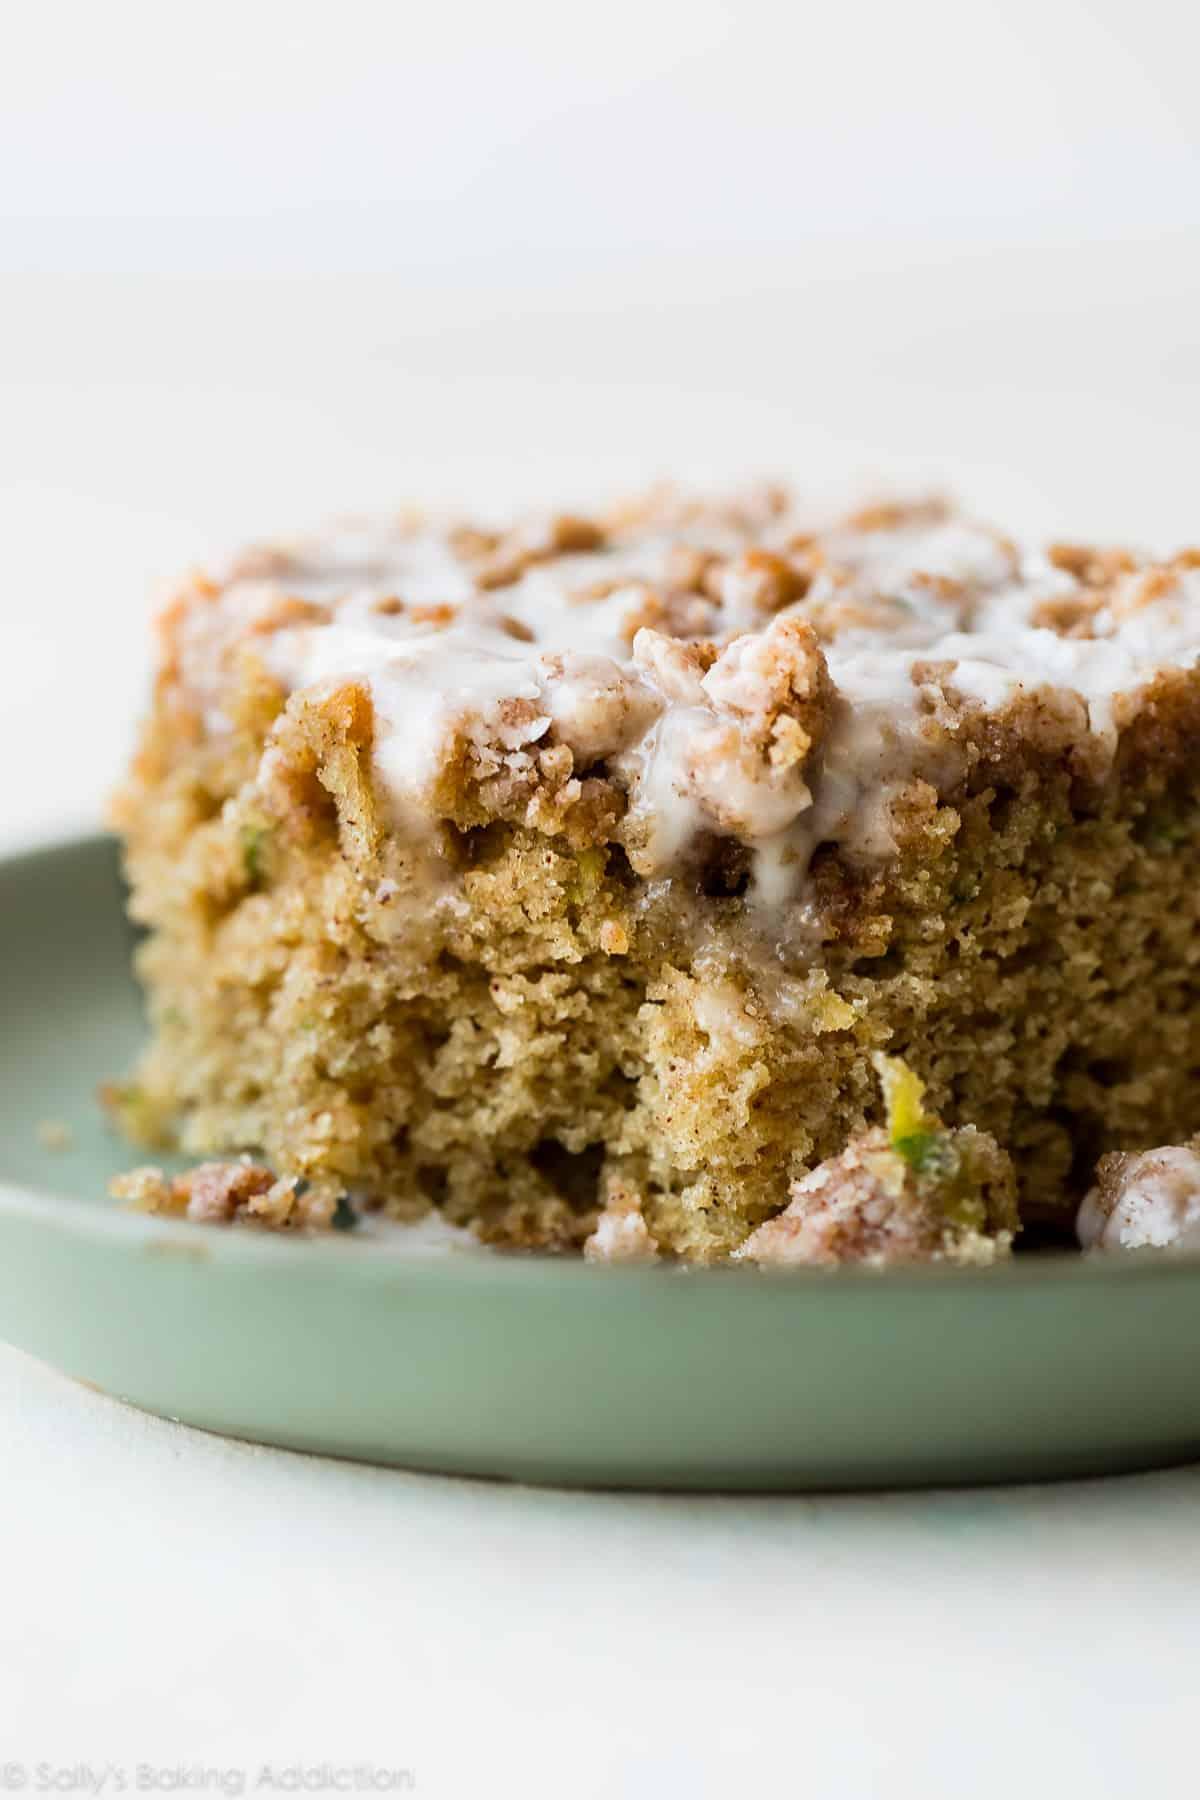 Zucchini Cake - 8 Recipes for Delicious Squash Cake 60